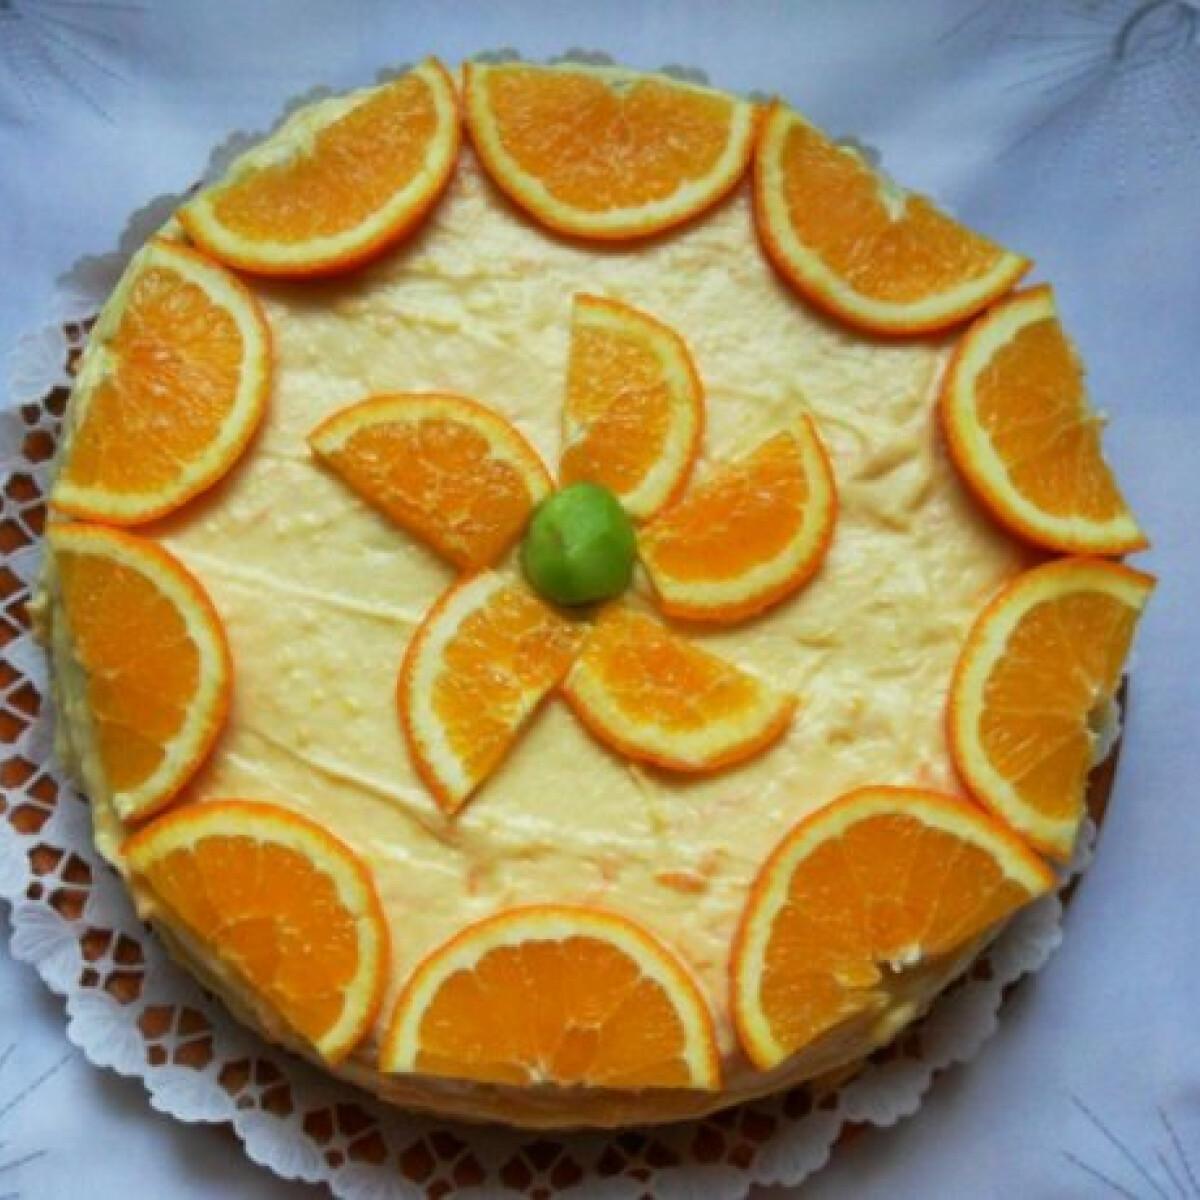 Ezen a képen: Narancstorta ahogy Csilla készíti